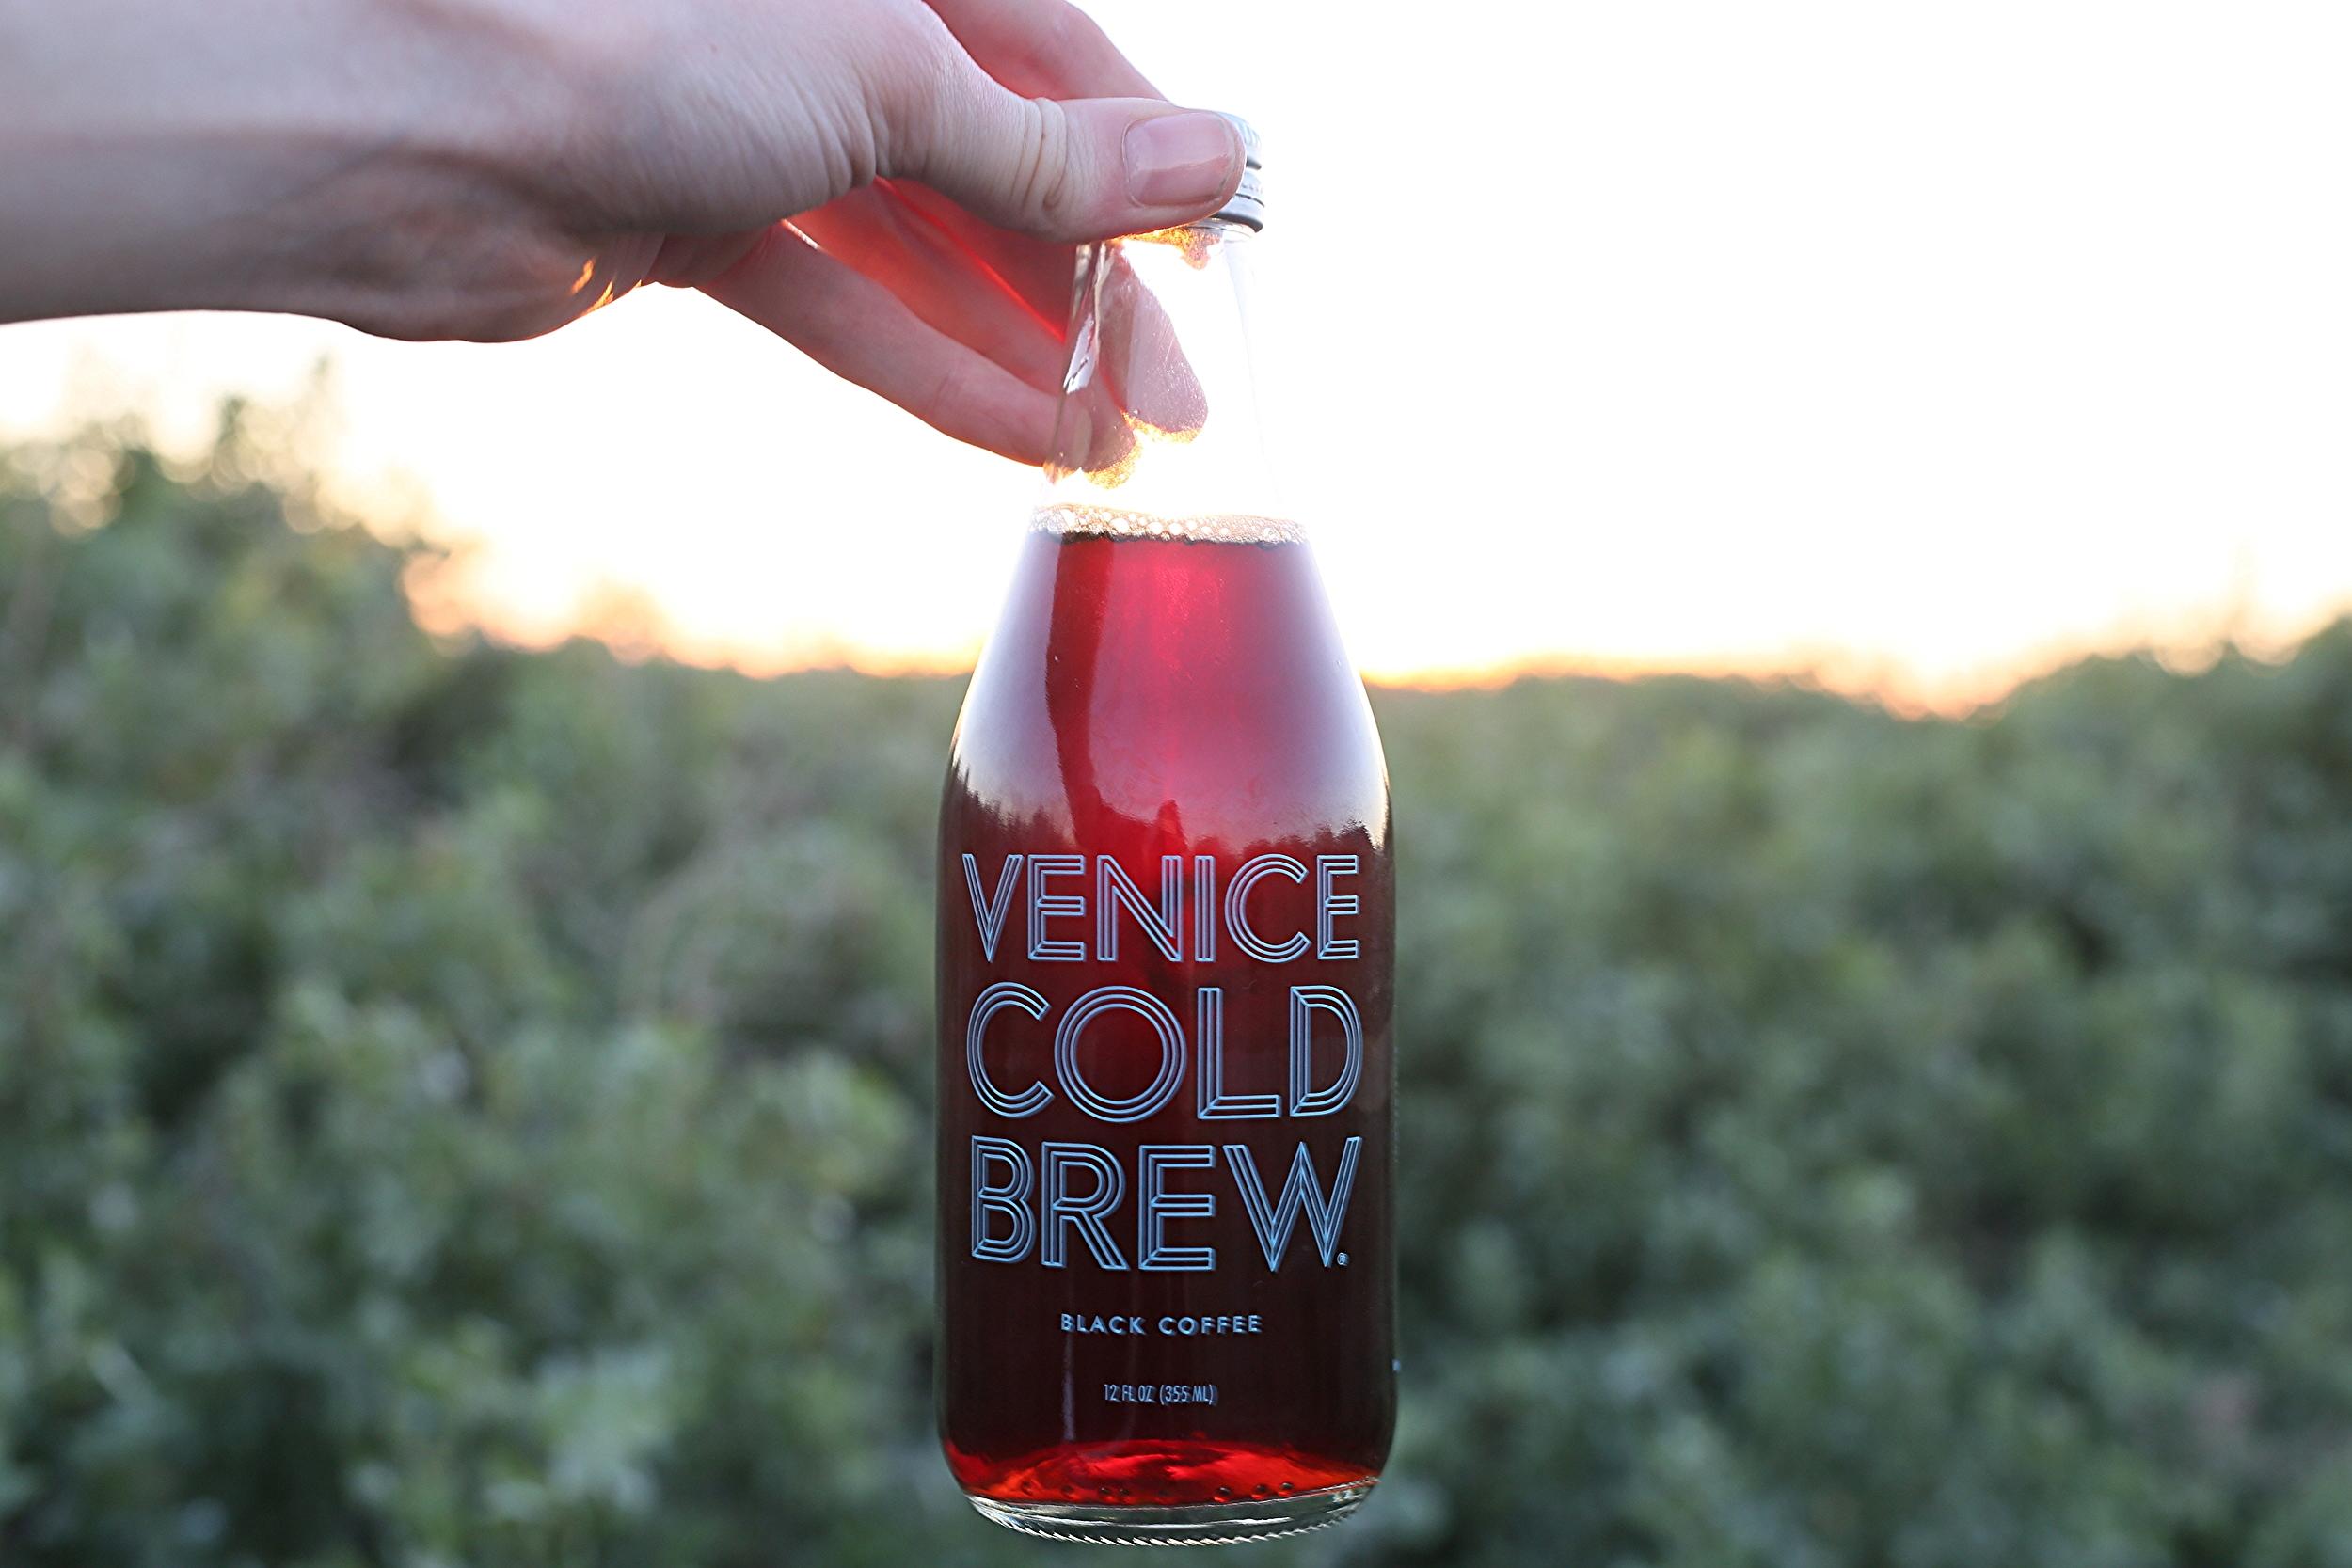 Venice Cold Brew